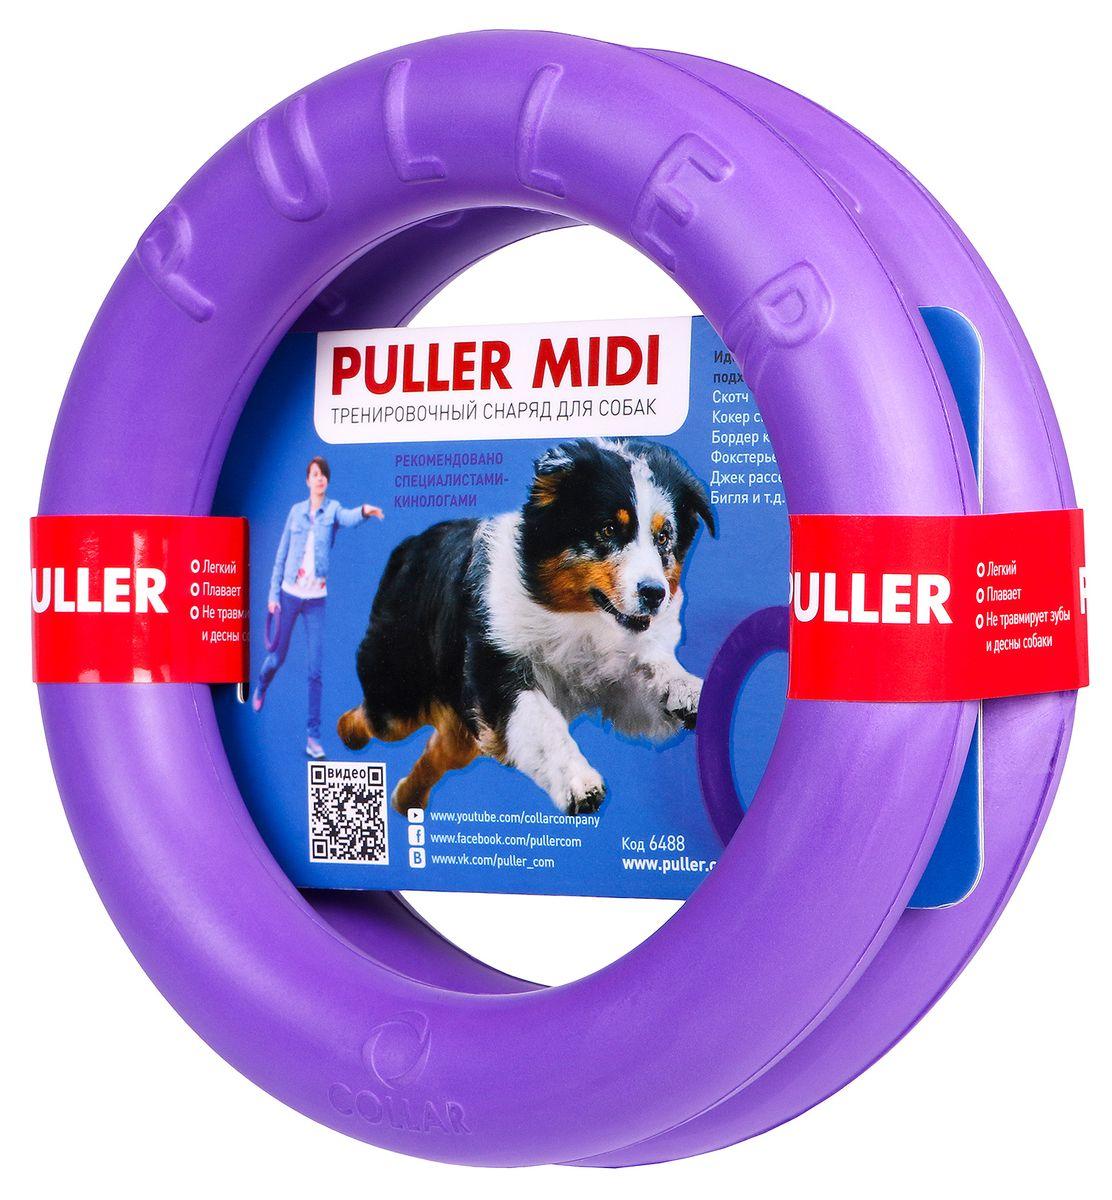 Тренировочный снаряд Puller Midi, диаметр: 20 см, цвет: фиолетовый0120710ПУЛЛЕР предназначен для средних и крупных пород собак. Уникальный помощник в решении проблем с собакой. Способен дать собаке необходимую нагрузку за короткое время. При этом владельцу собаки не нужно будет тратить много времени на выгул и тренировку собаки. Всего 3 простых упражнения, в течении 20 минут дадут собаке нагрузку равную 5 км бега в интенсивном режиме или 2-х часовому занятию с инструктором на площадке. Комплект состоит из двух колец.